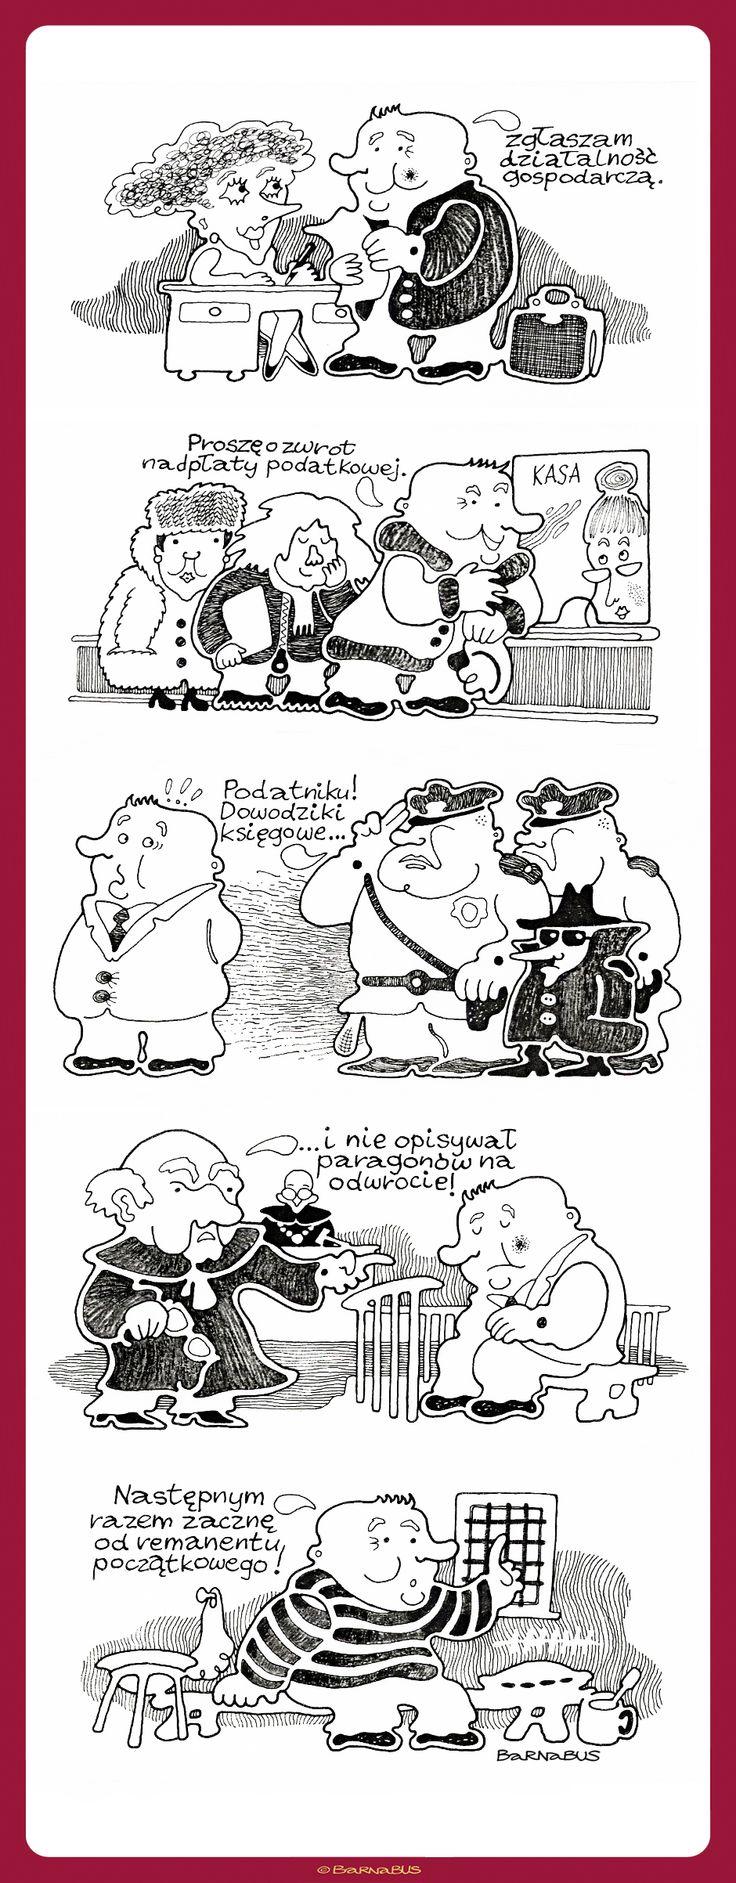 © Barnabus - #Podatnik ▪ #Taxpayer.